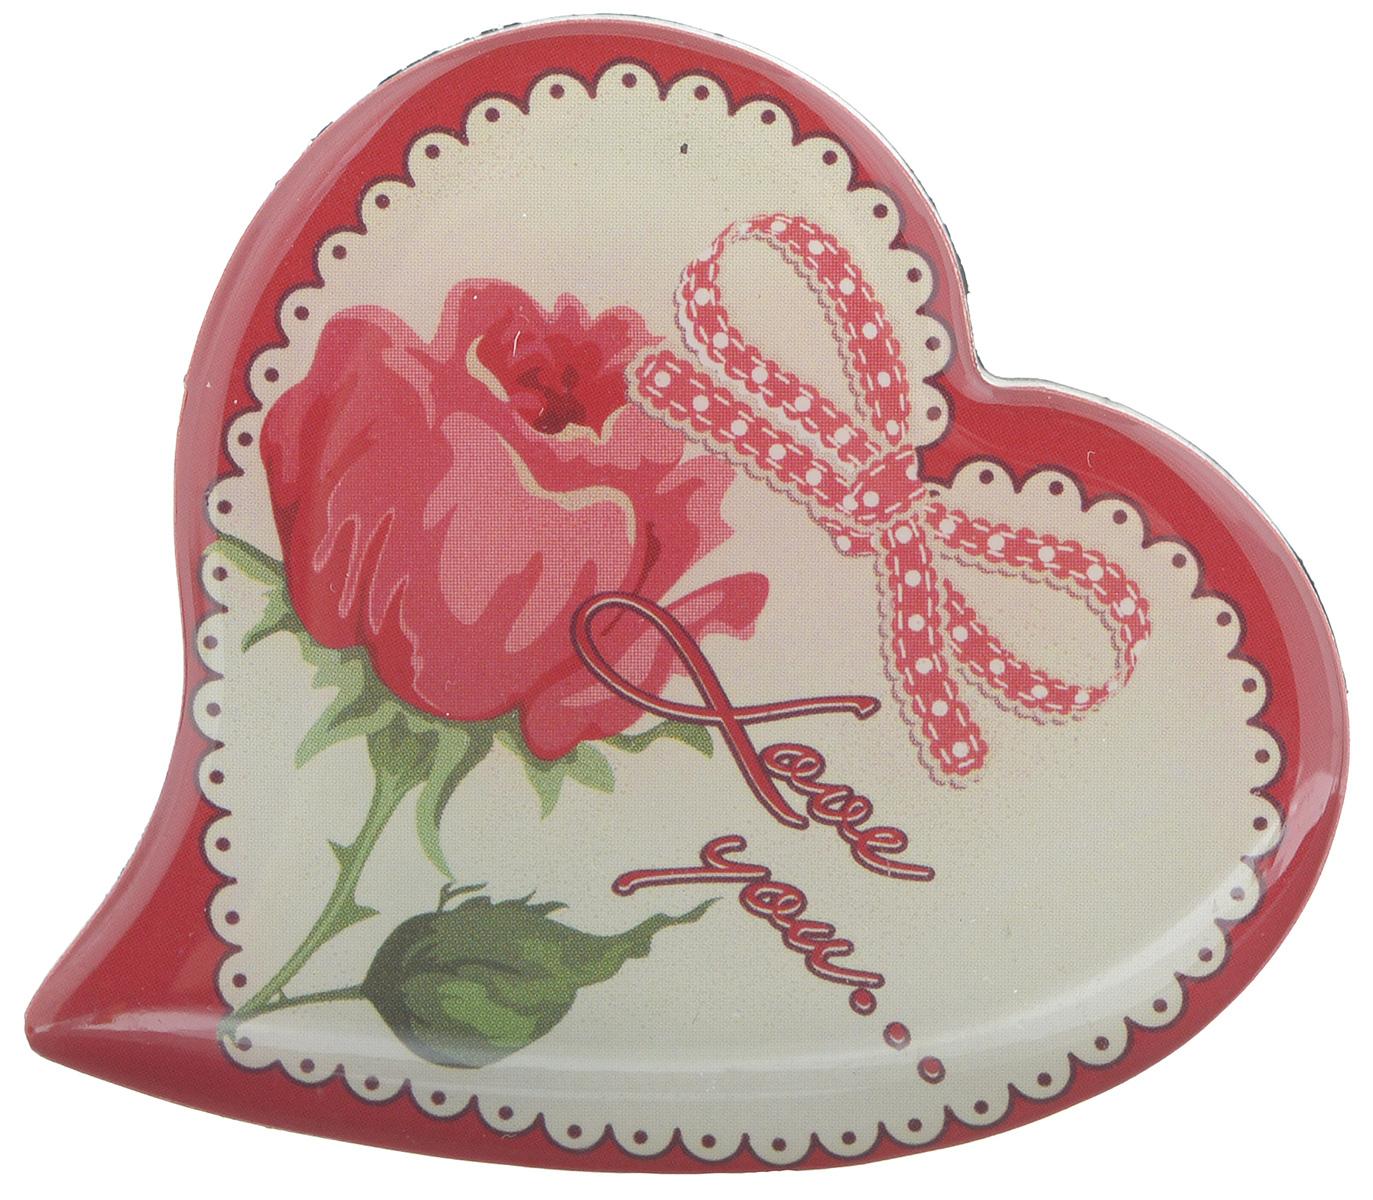 Магнит Феникс-презент Love You..., 5 x 5 см27182Магнит в форме сердца Феникс-презент Love You..., выполненный из агломерированного феррита, станет приятным штрихом в повседневной жизни. Оригинальный магнит, декорированный изображением розы, поможет вам украсить не только холодильник, но и любую другую магнитную поверхность. Материал: агломерированный феррит.